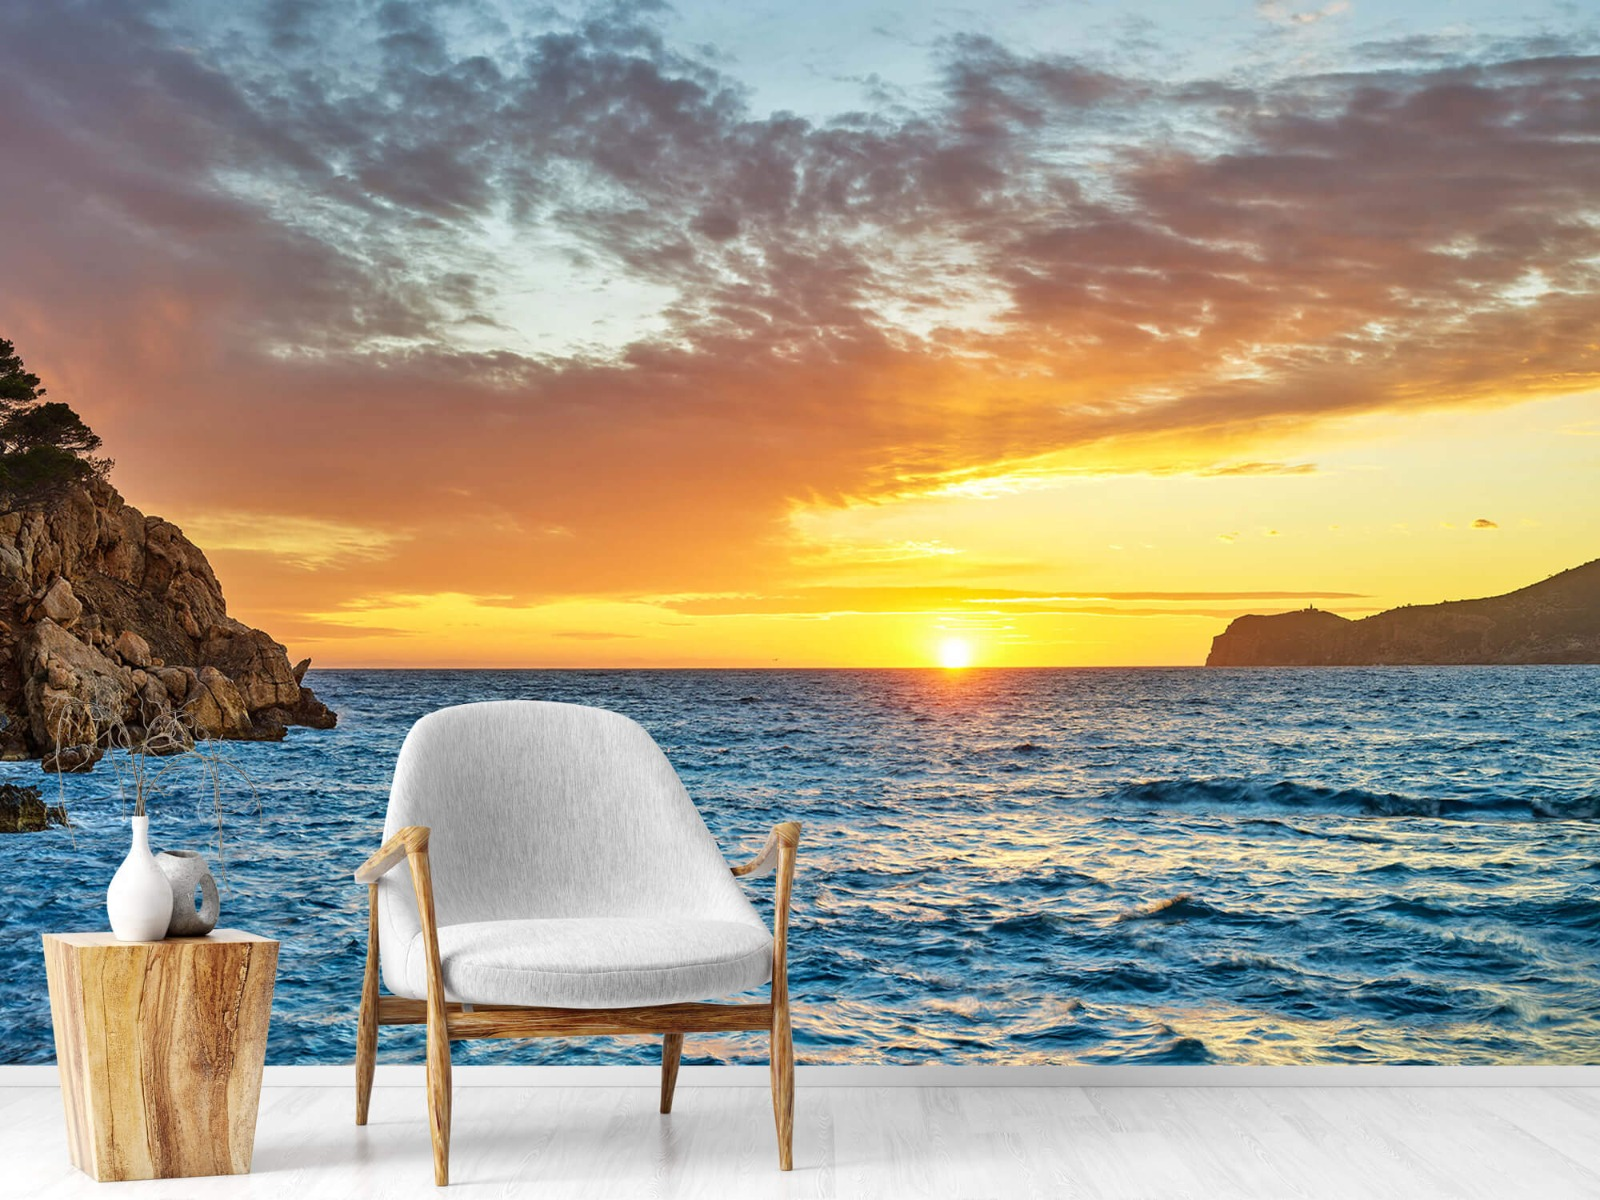 Zon - Zonsondergang op een eiland - Slaapkamer 18